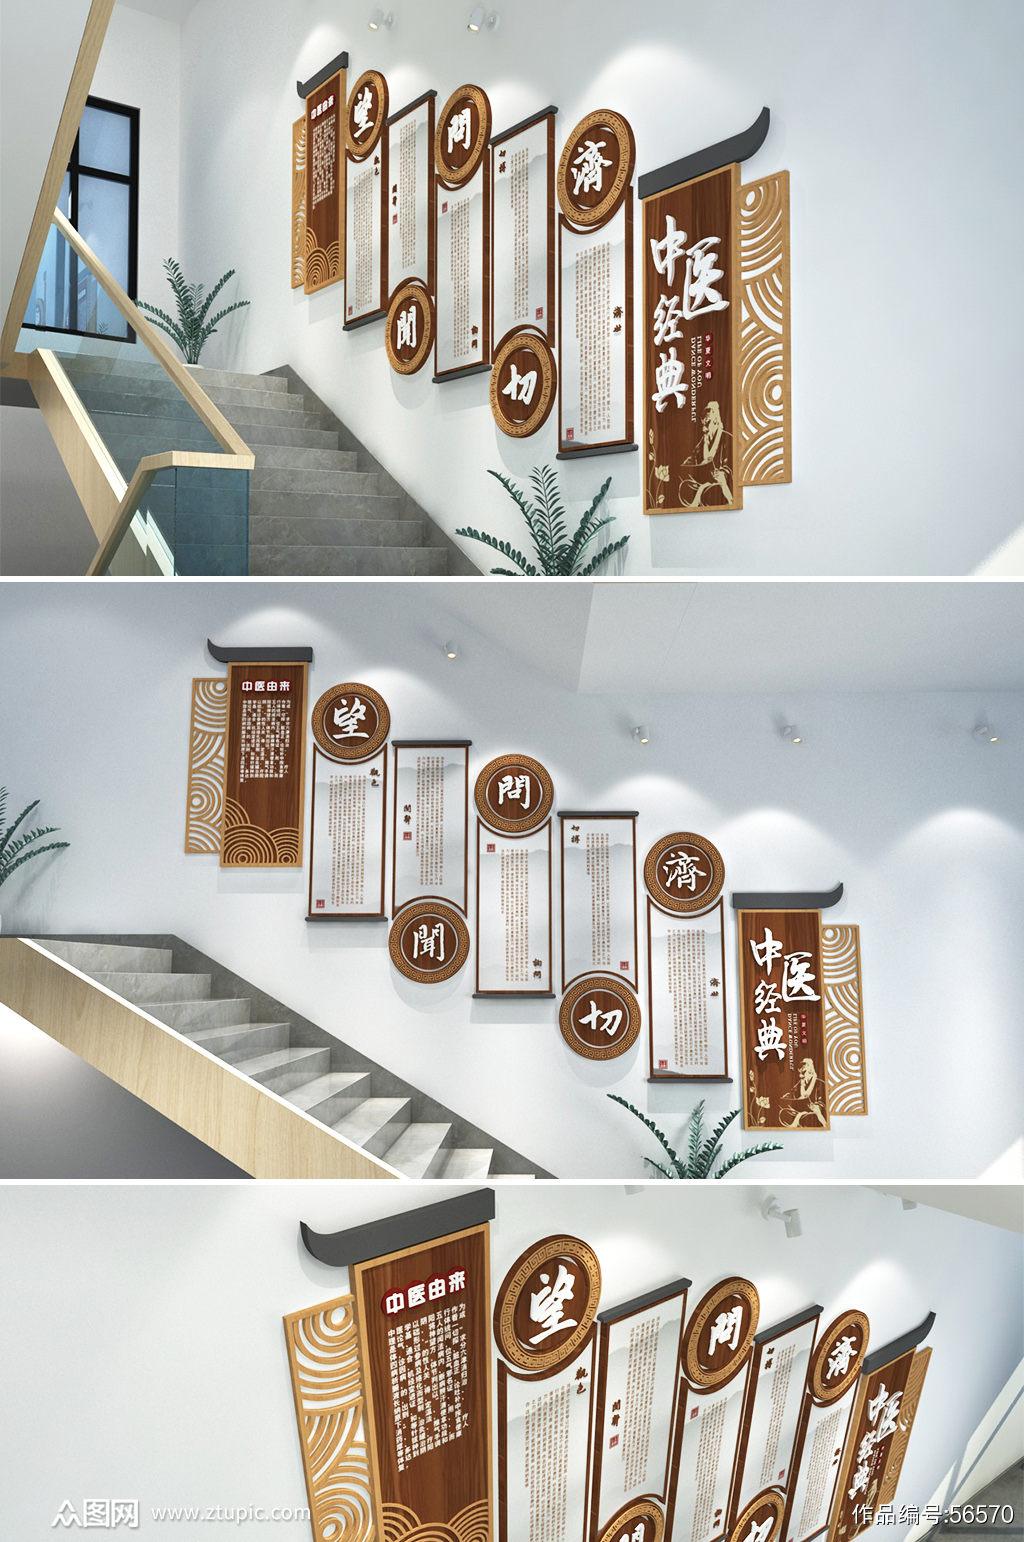 木纹木雕中医院诊所 楼梯文化墙创意设计效果图素材